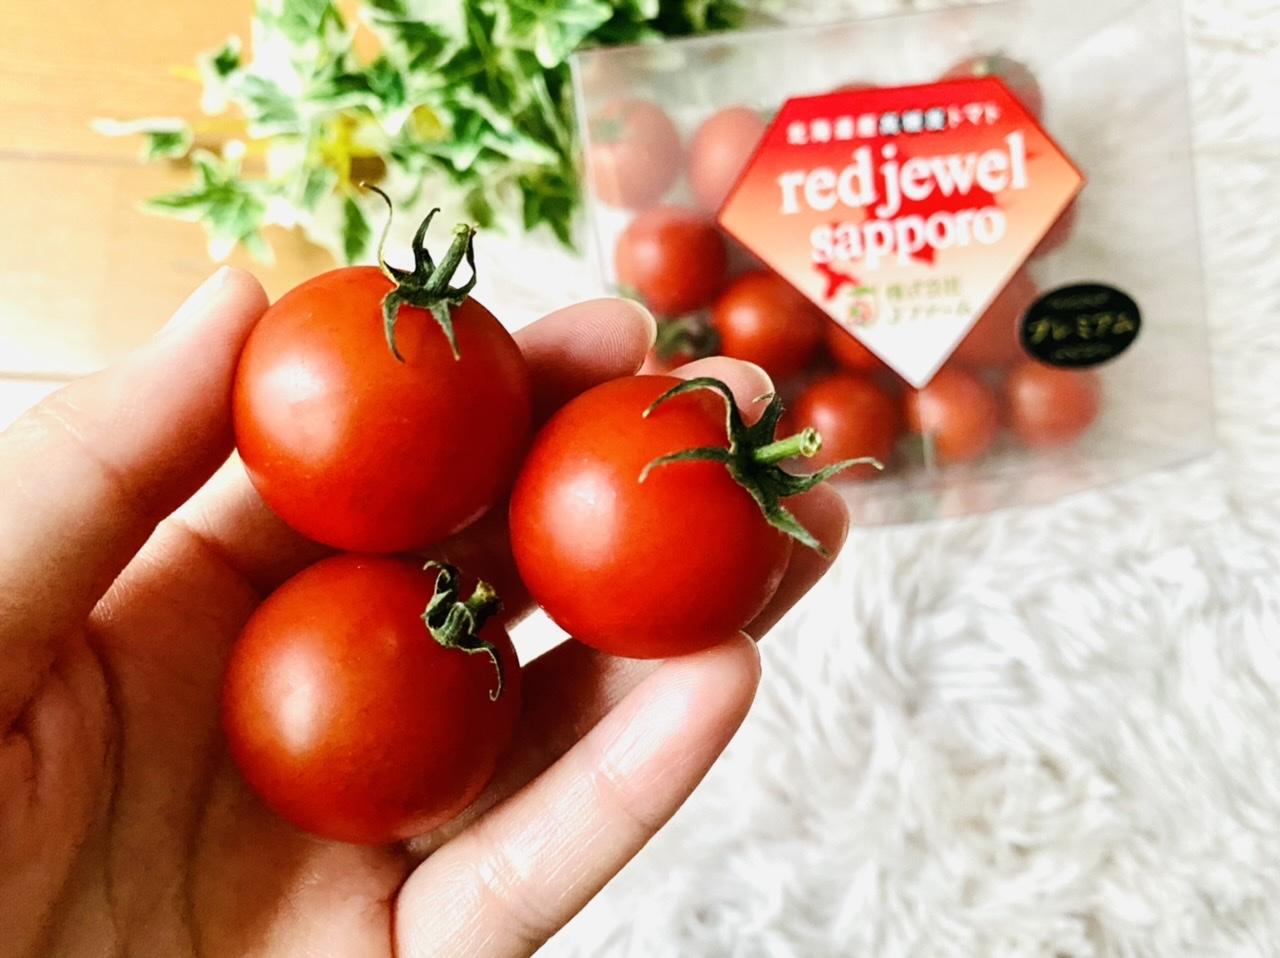 まるでスイーツ!北海道産高糖度トマト《レッドジュエル・プレミアム》が美味しすぎ♡_2